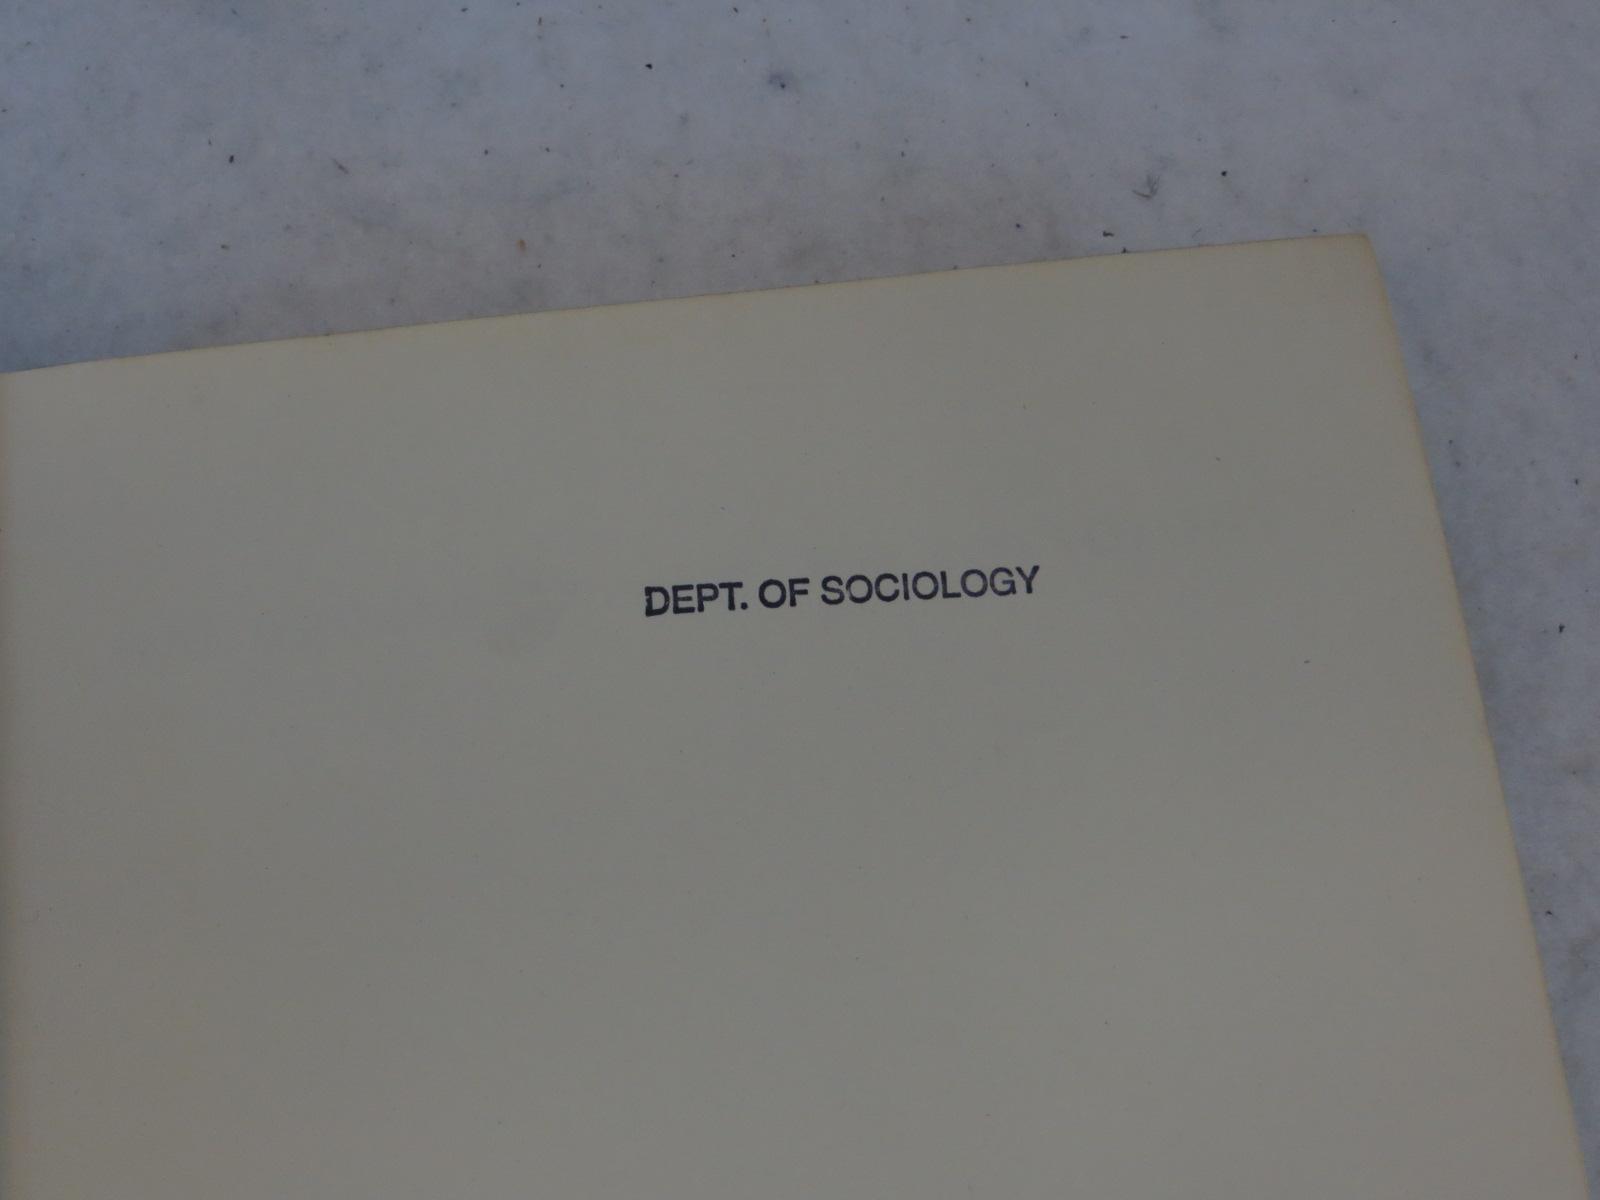 Robert E L Faris Handbook Of Modern Sociology Rand